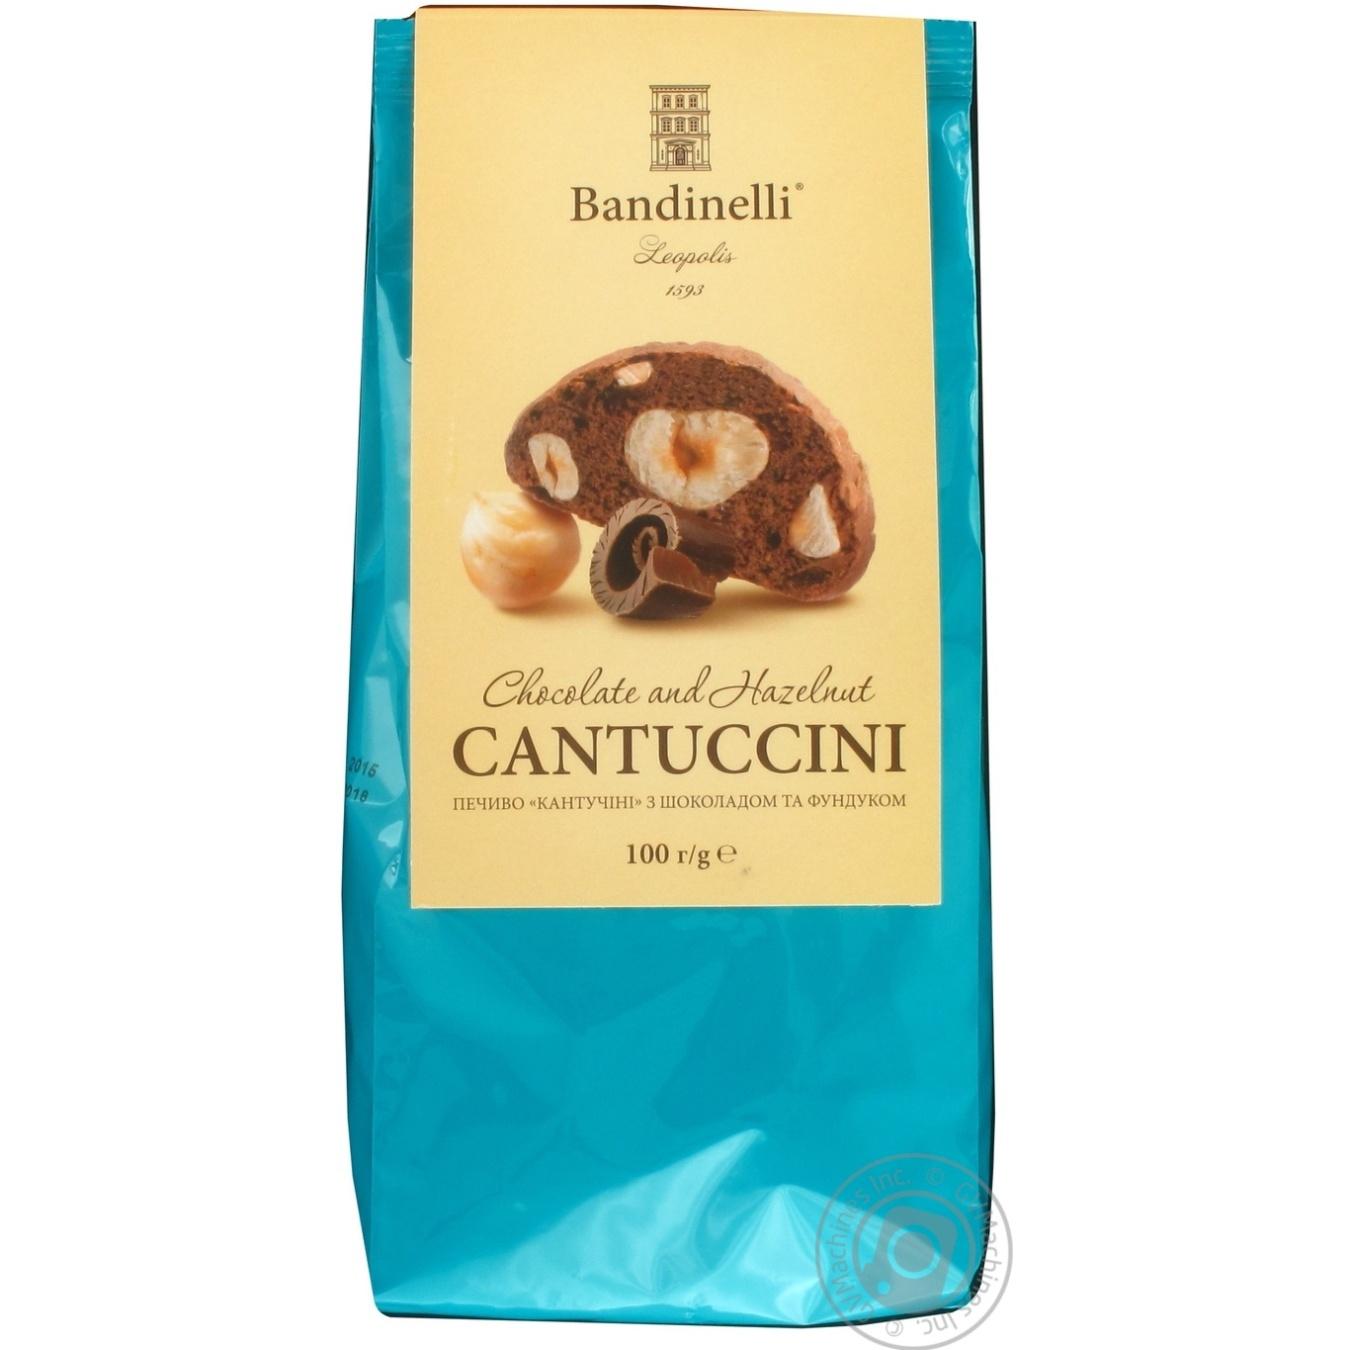 Печенье Bandinelli Cantuccini с шоколадом и фундуком 100г